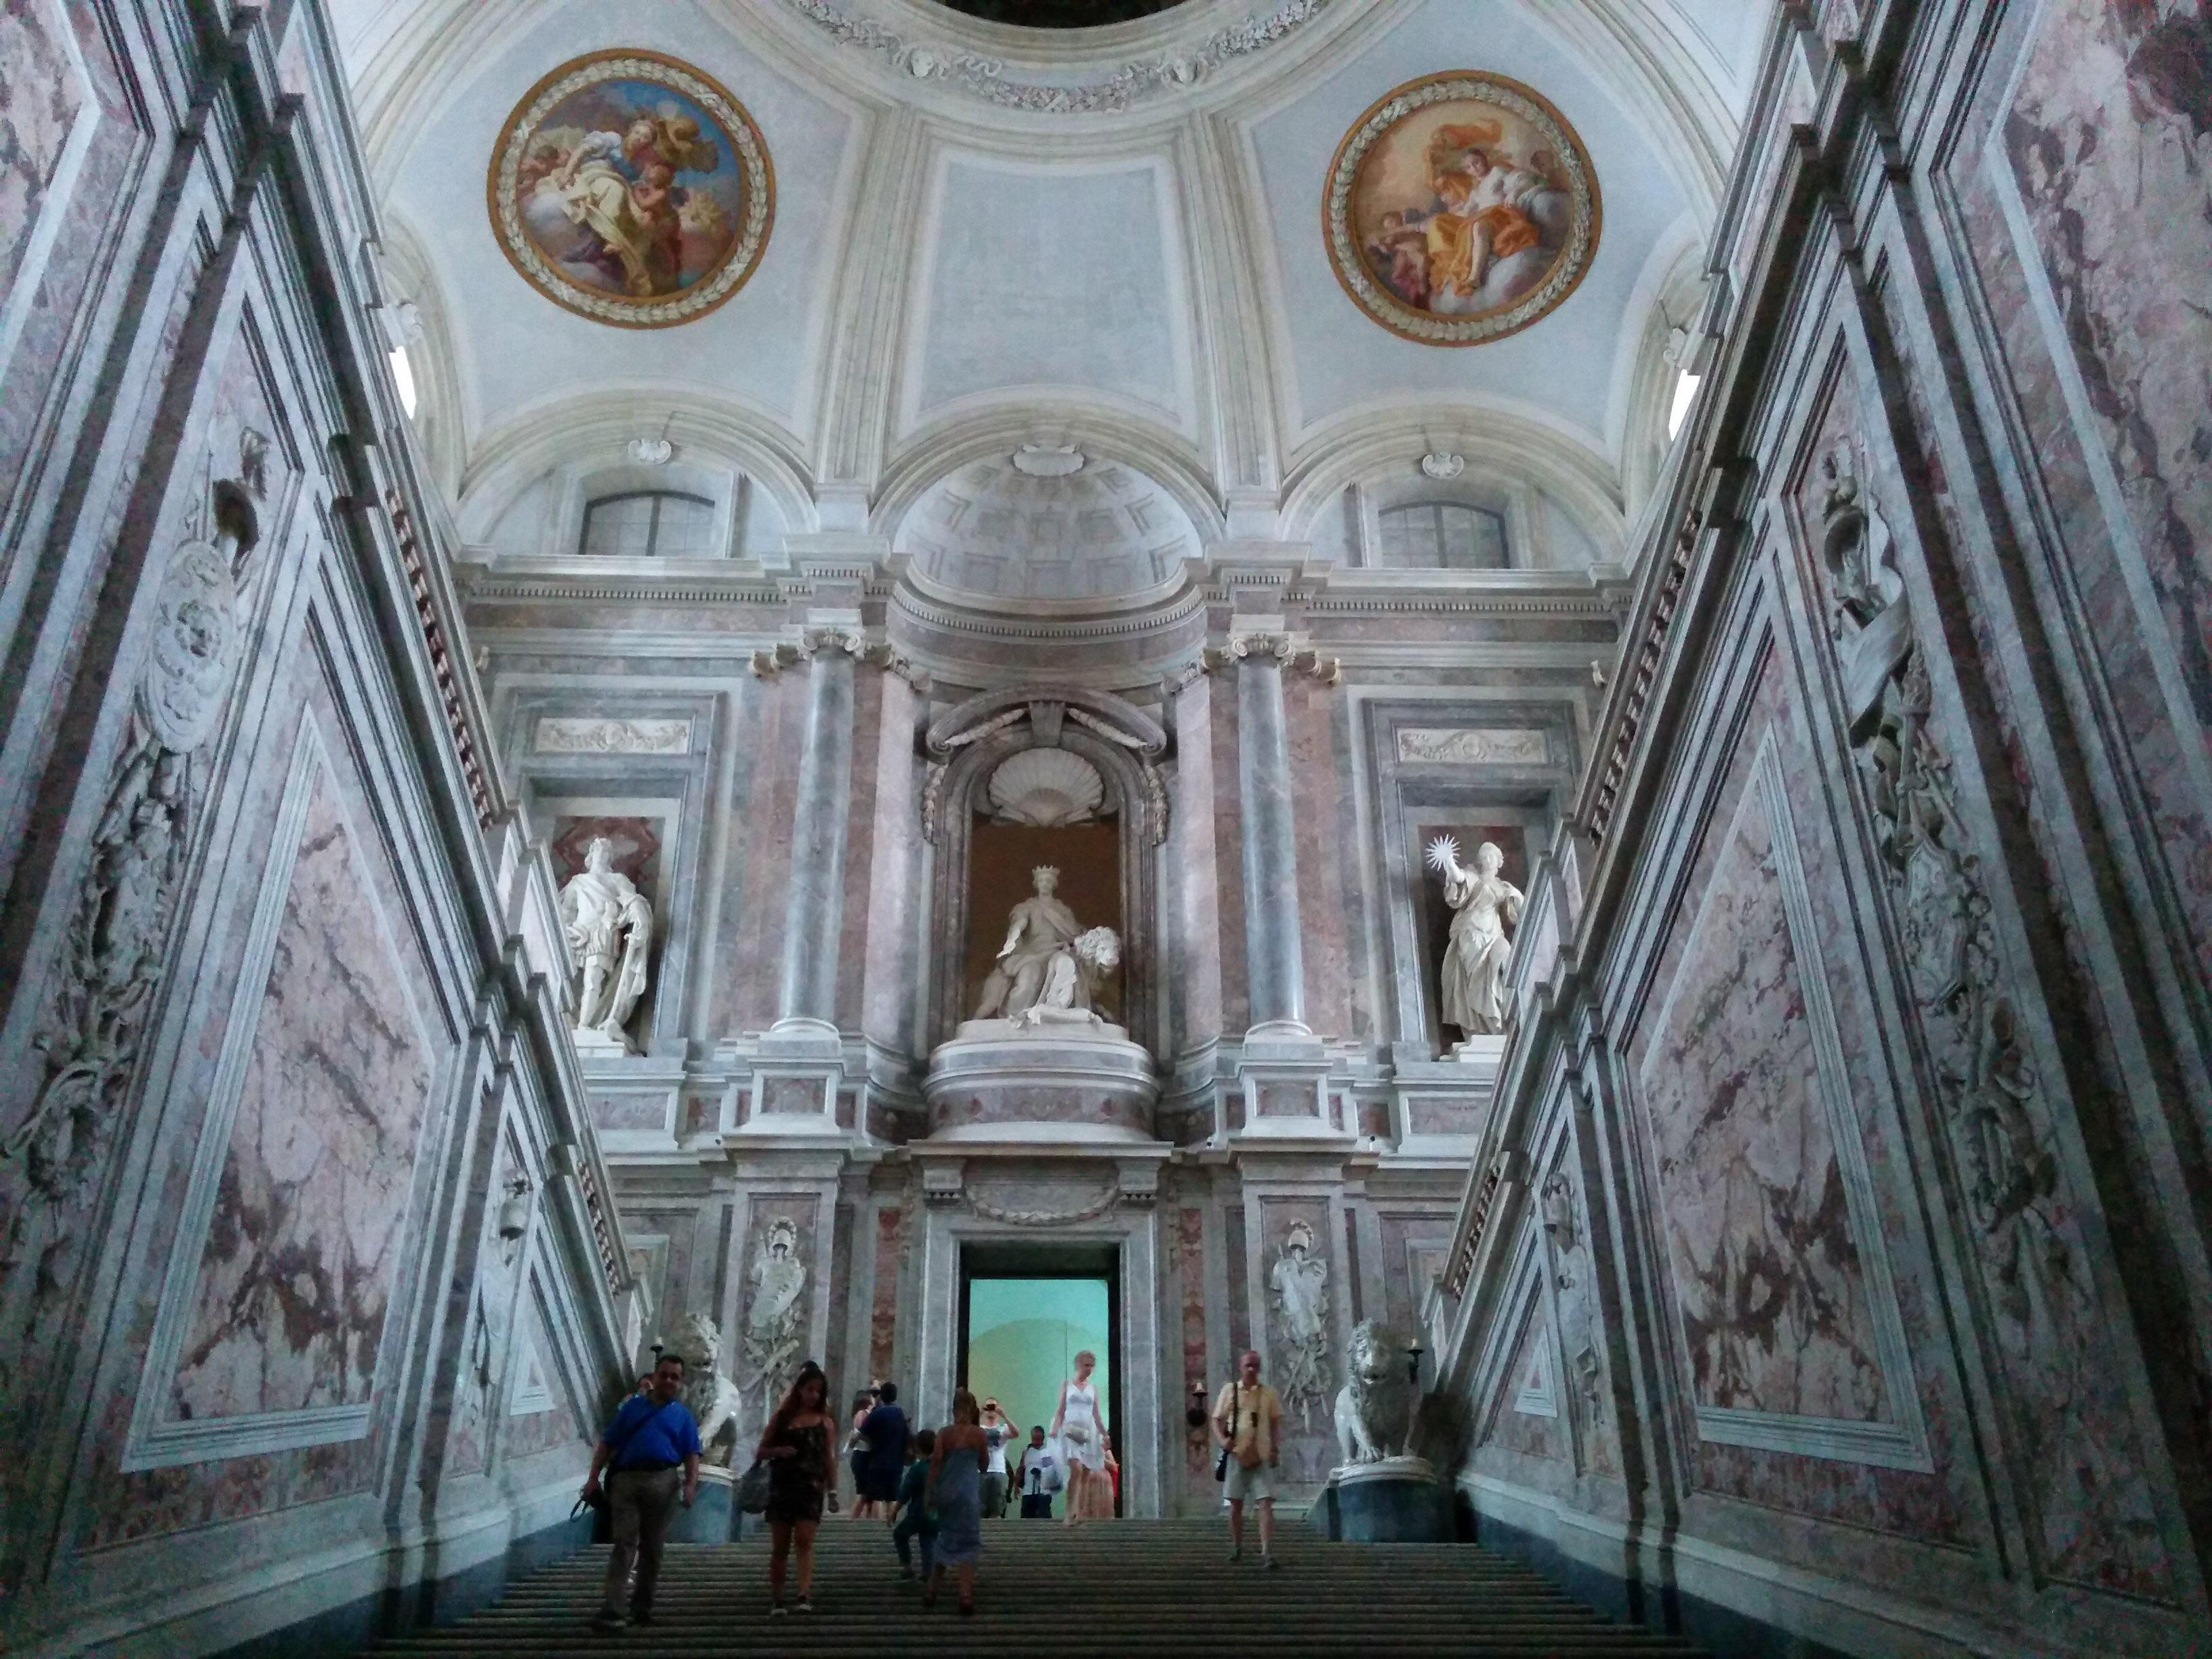 Der Königspalast von Caserta (Tag 23, 10. August 2015)